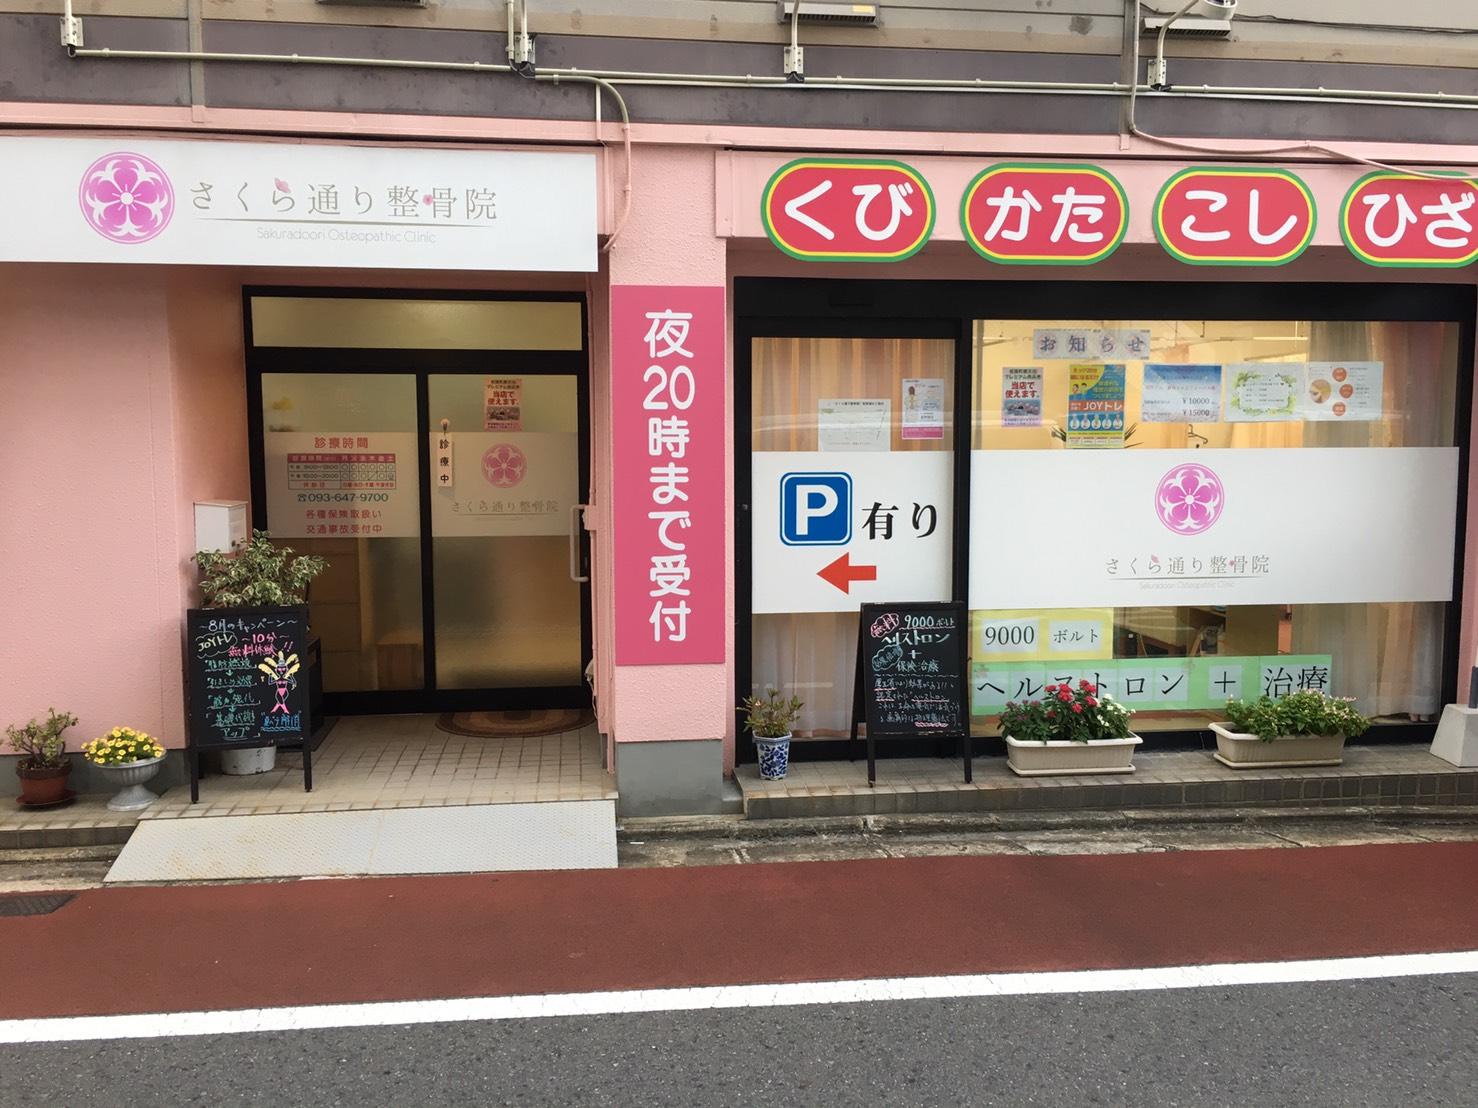 さくら通り整骨院 様(福岡県北九州市)